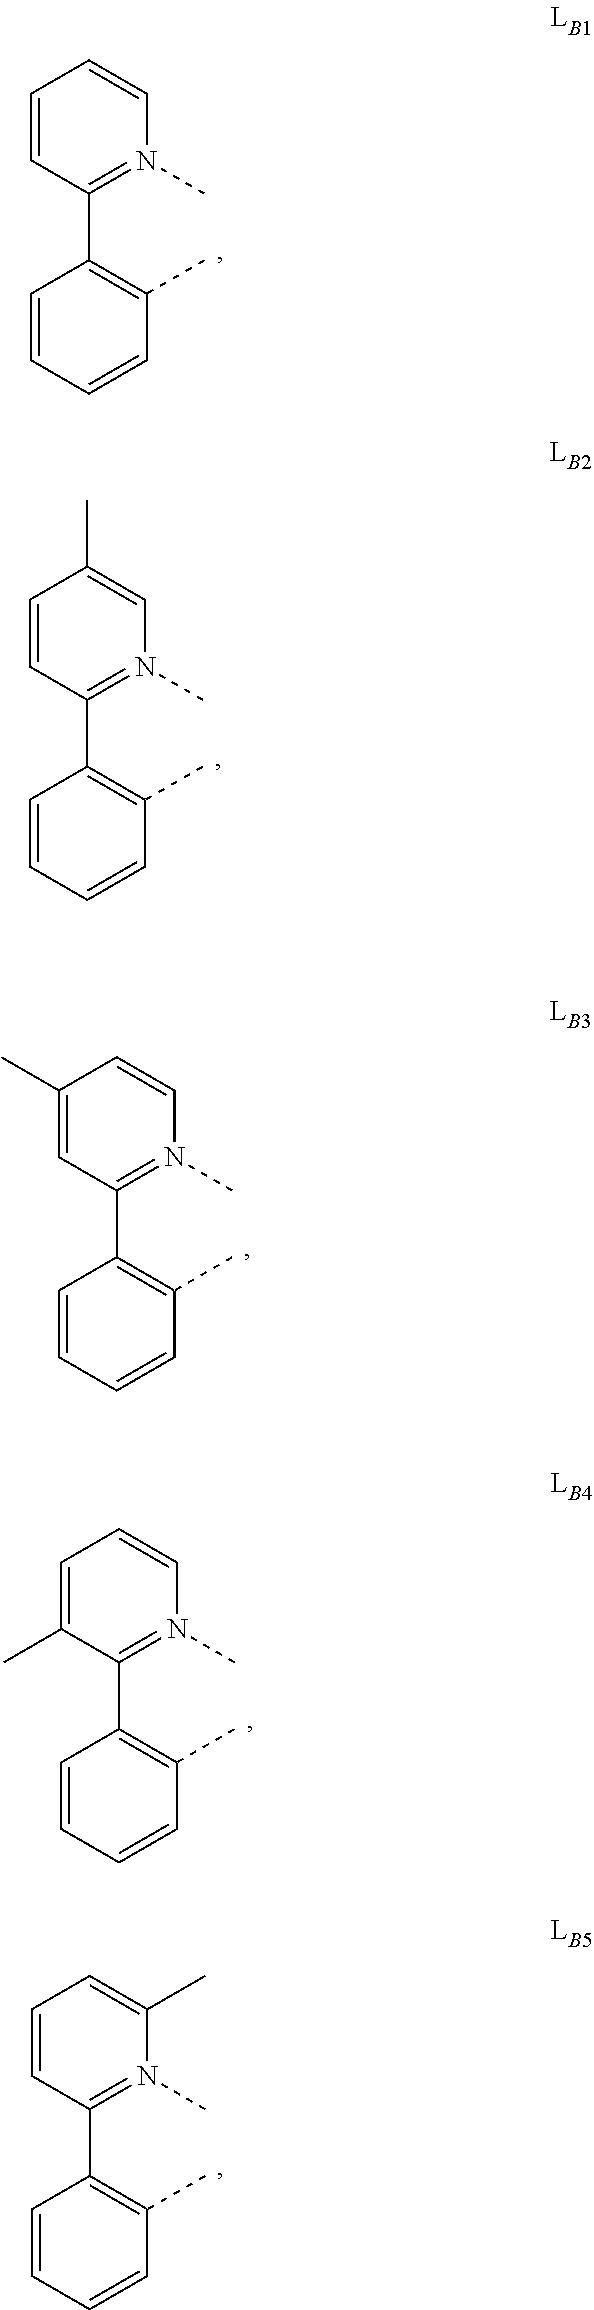 Figure US09691993-20170627-C00046